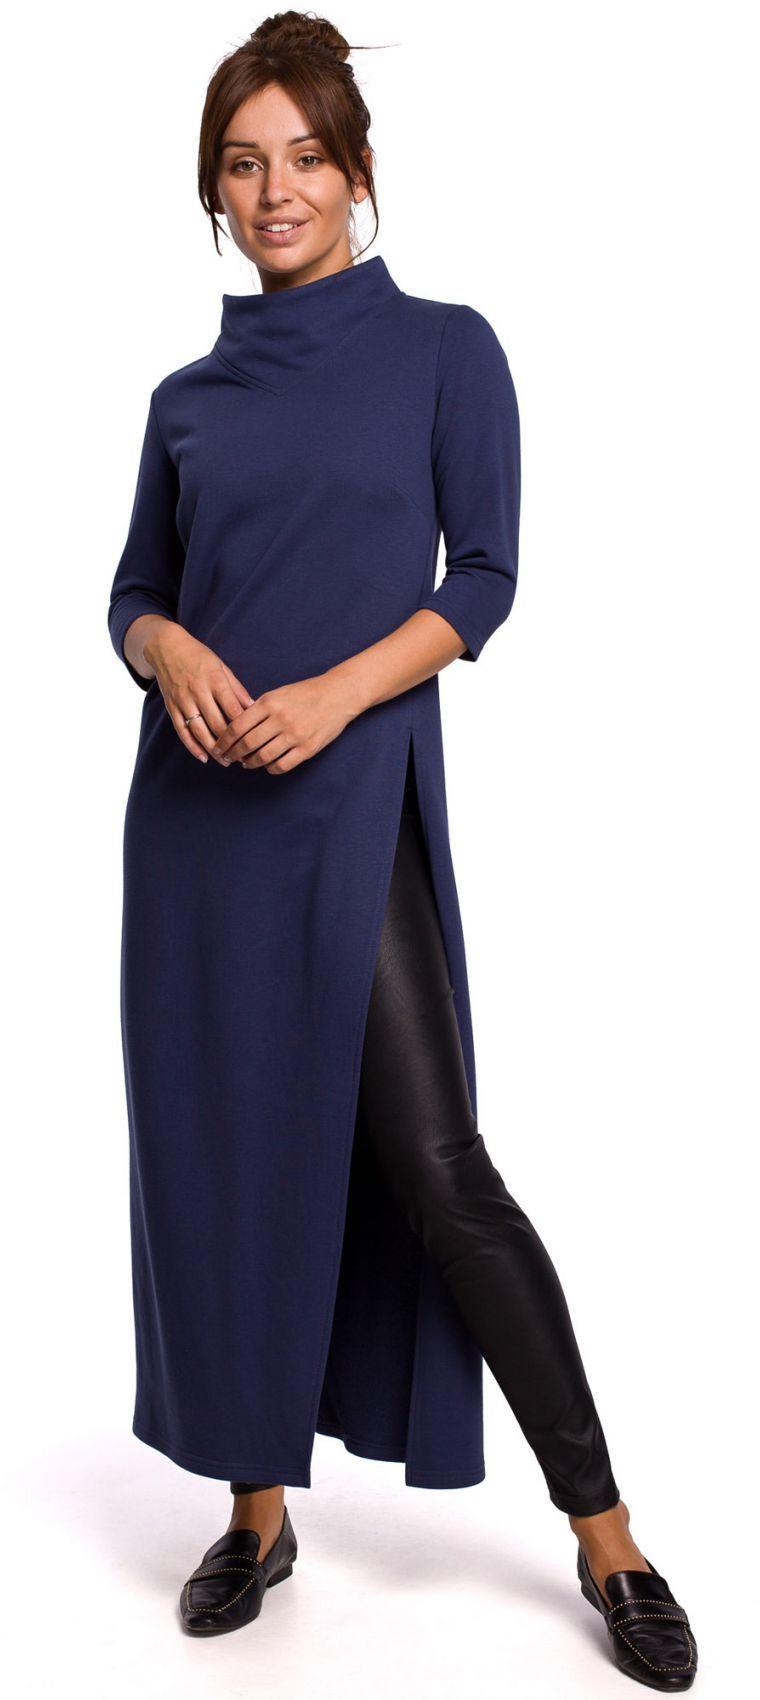 B163 Długa tunika z rozcięciem - niebieska